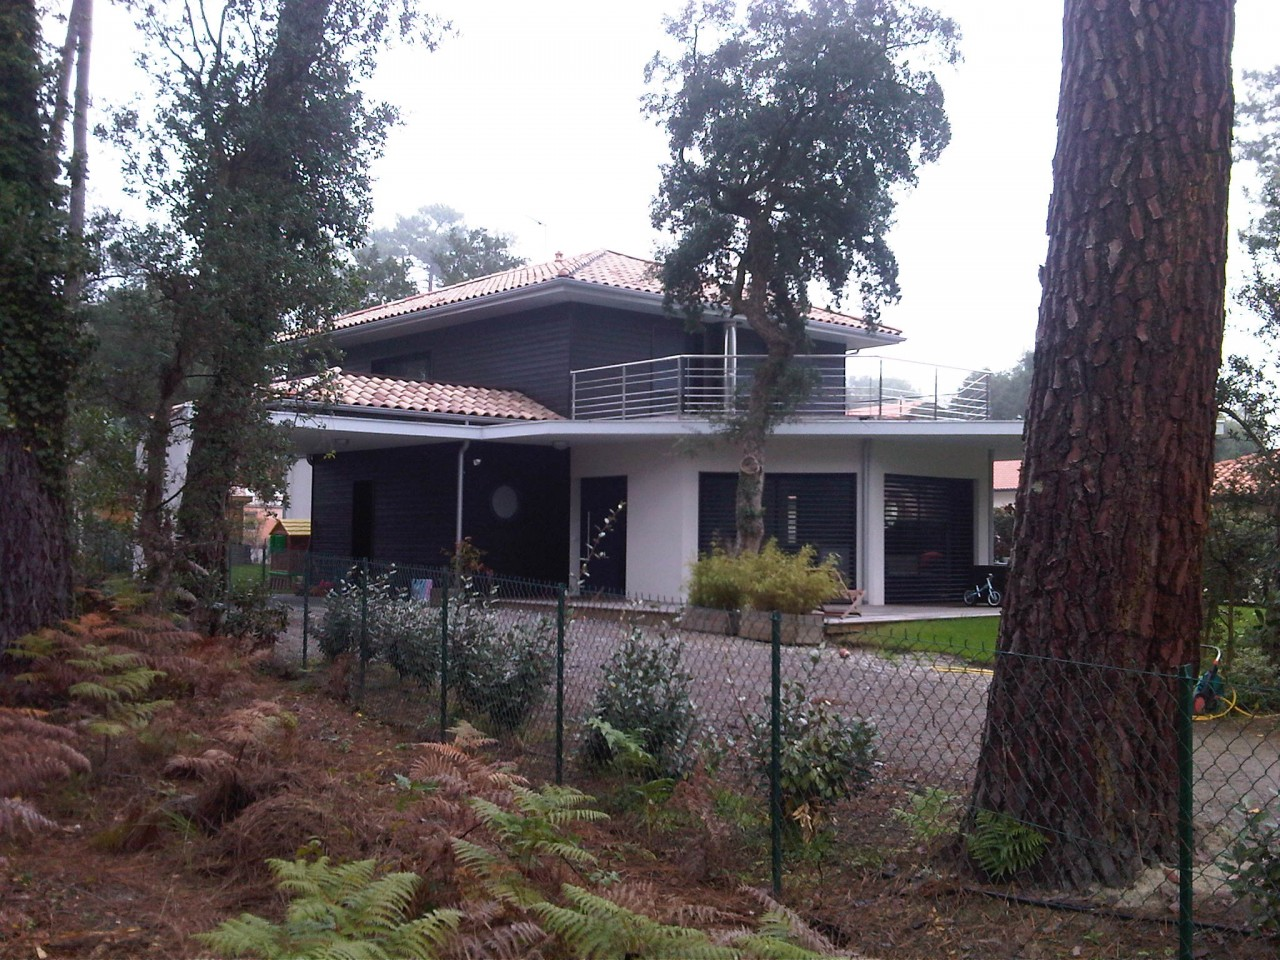 Maison l capbreton lalanne construction entreprise for Constructeur maison individuelle dax